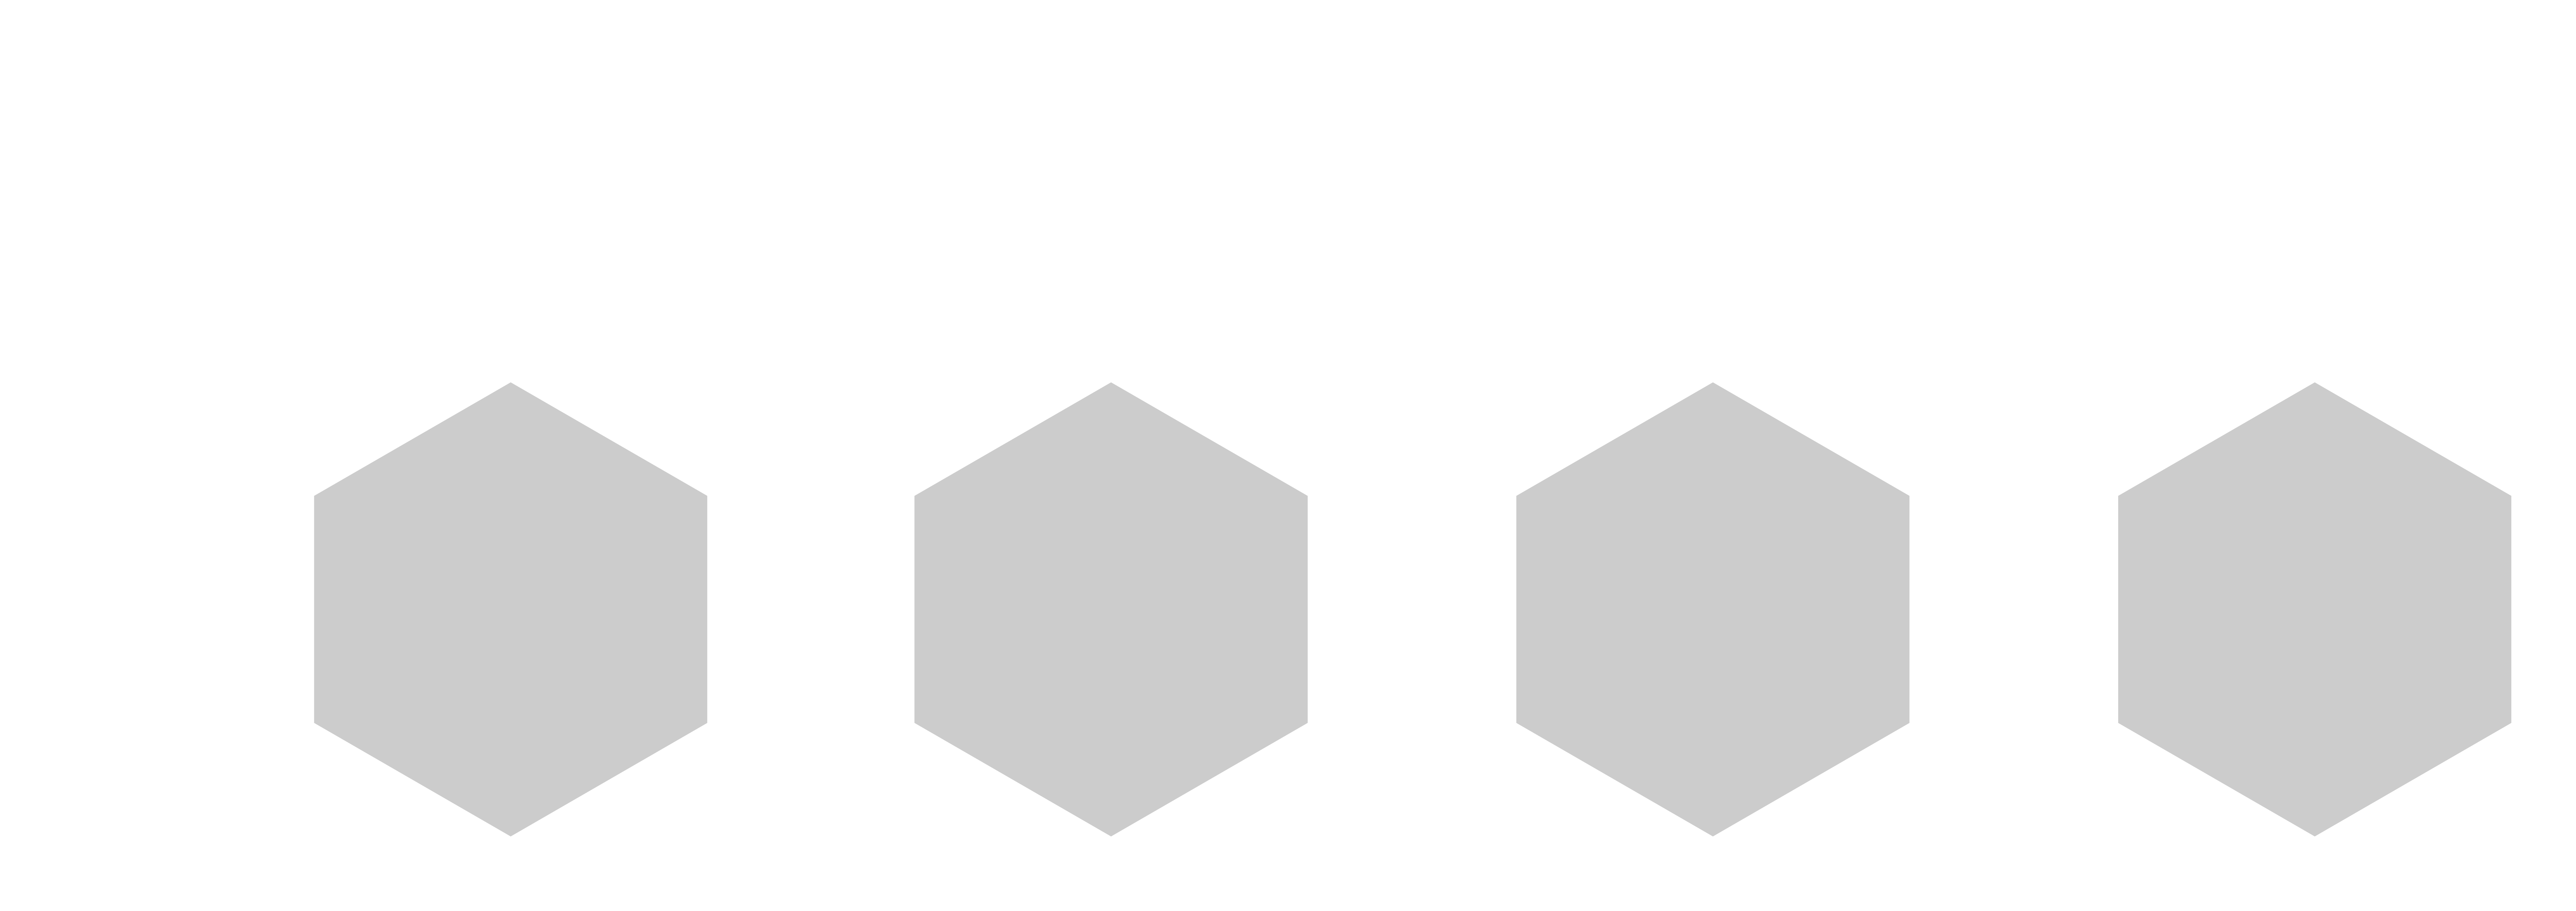 Imagen de moléculas de la fórmula de la pintura